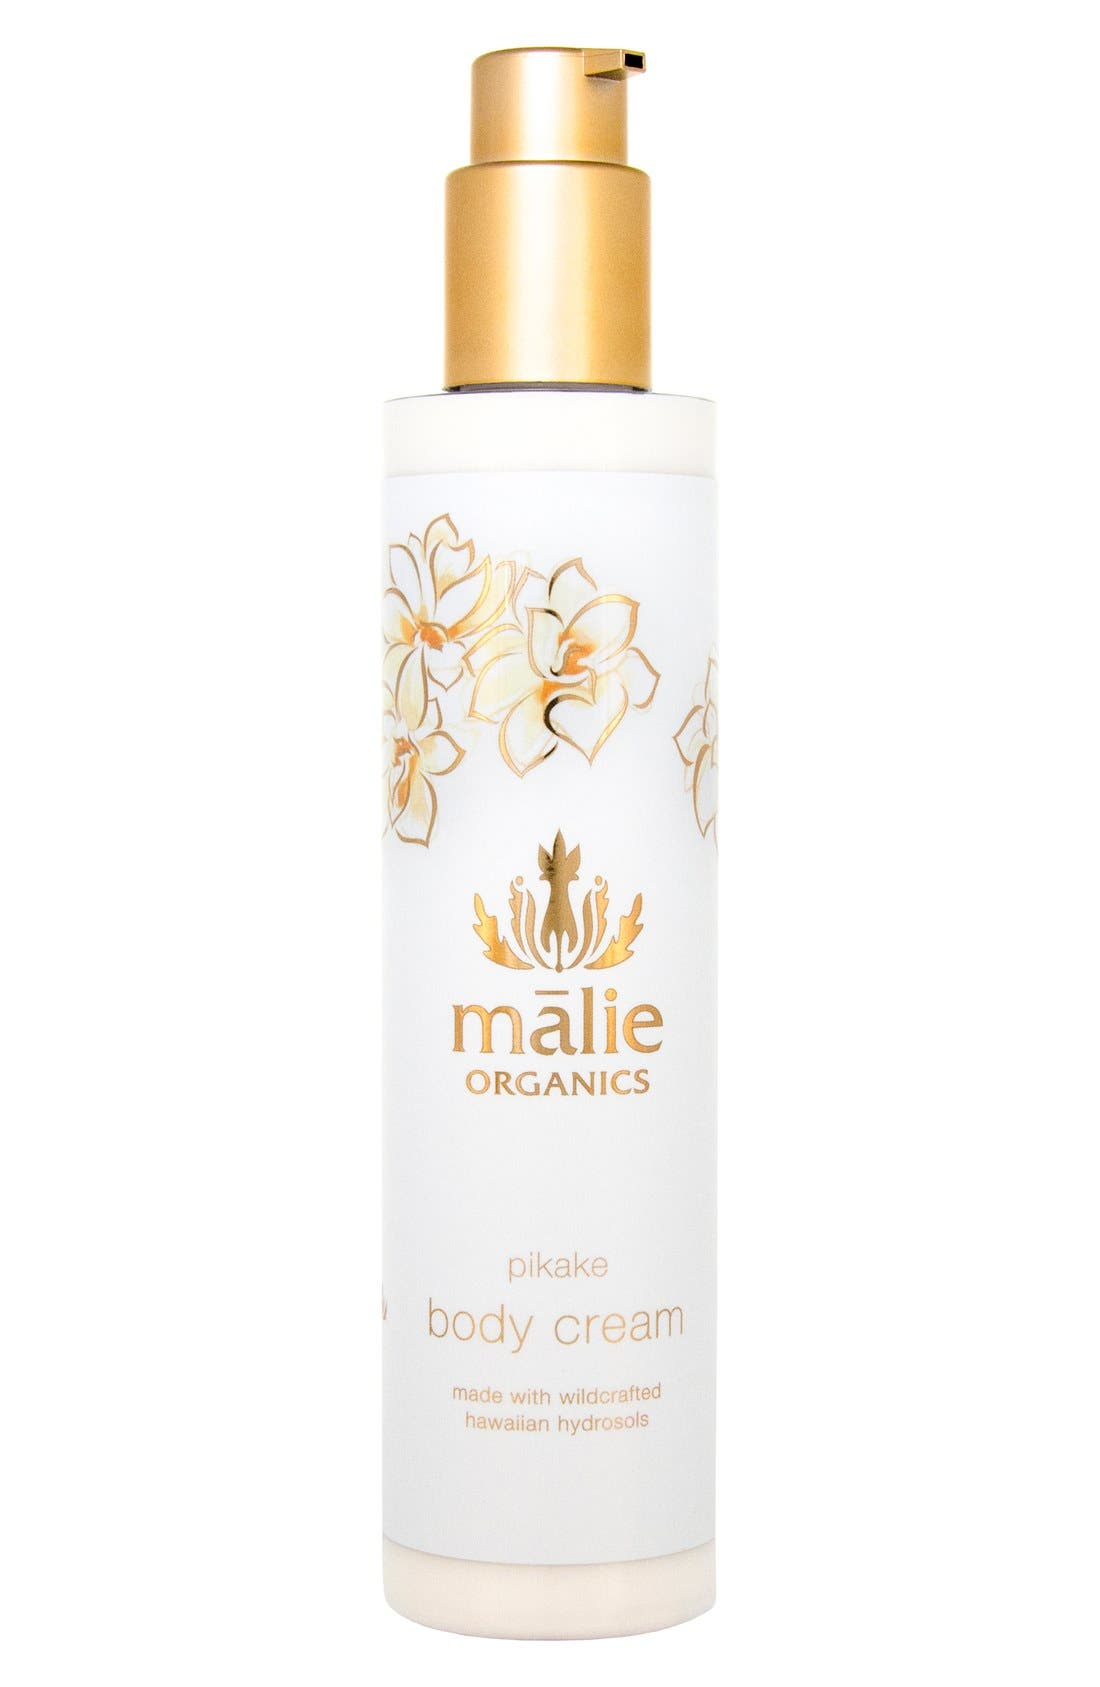 Malie Organics Pikake Organic Body Cream